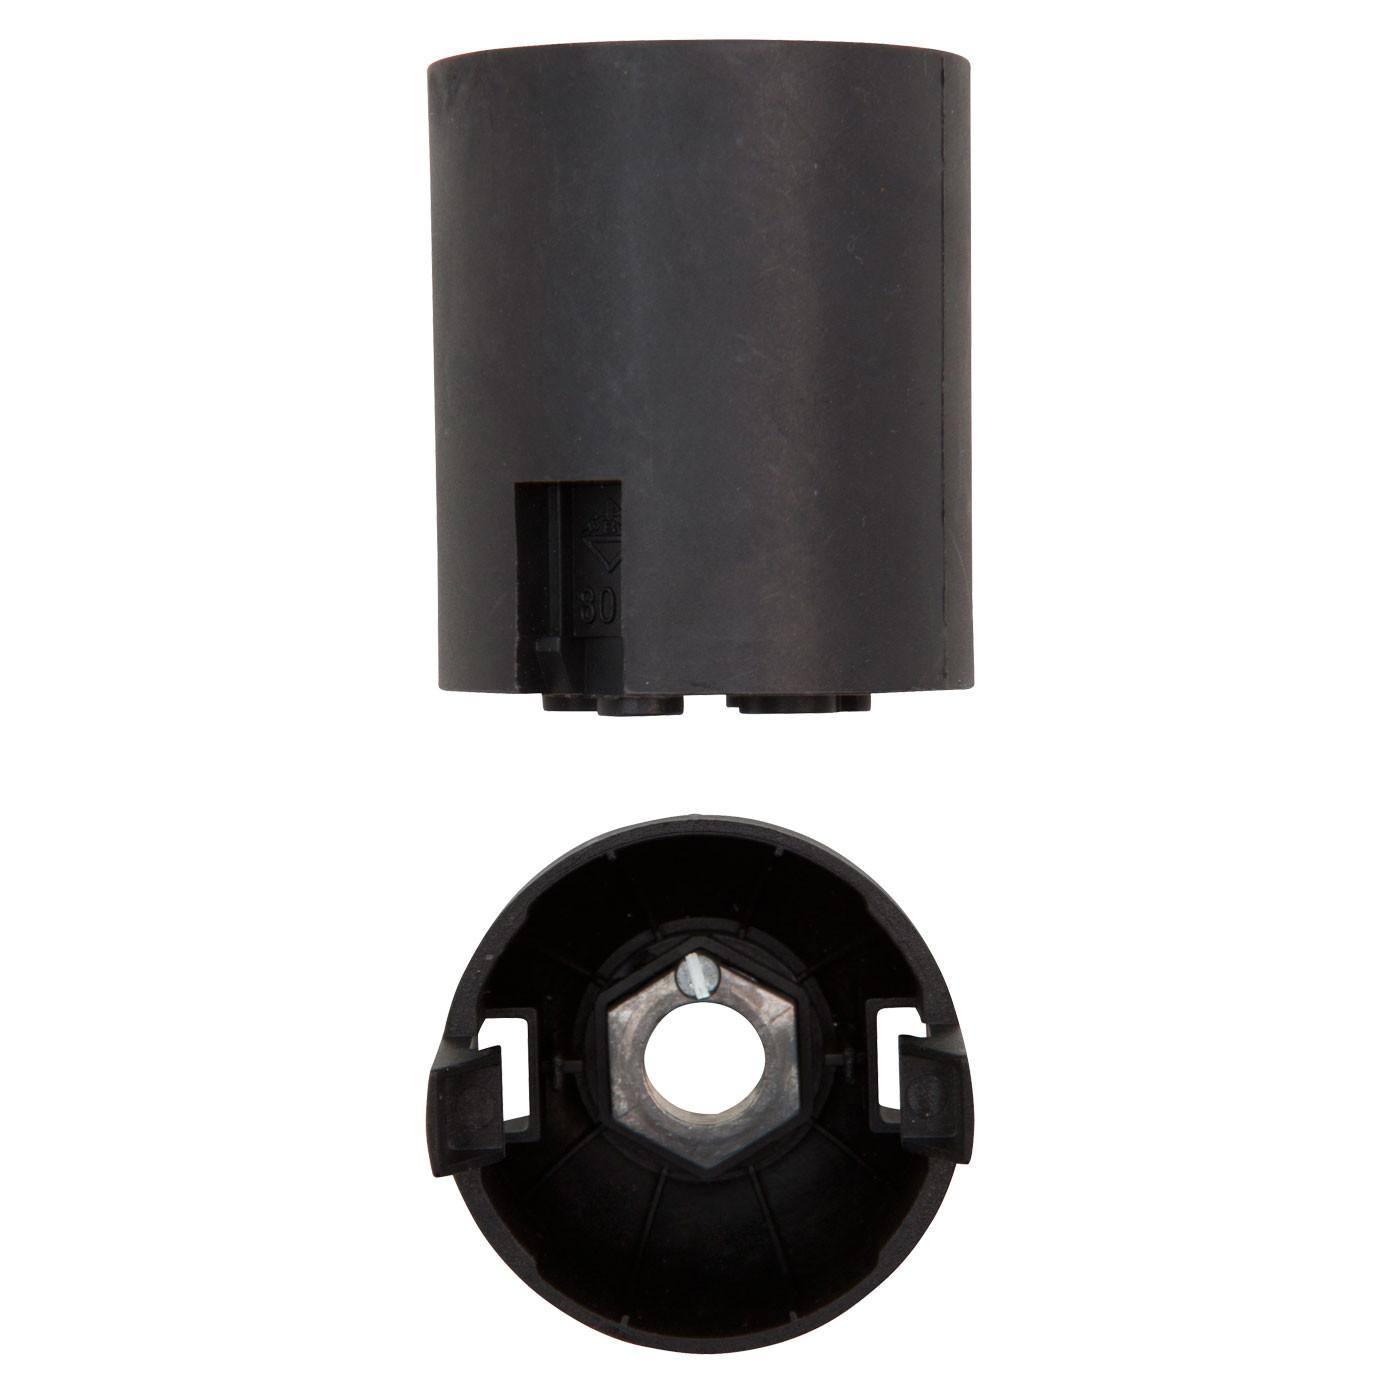 Flos Ersatzteile für Glo-Ball F2